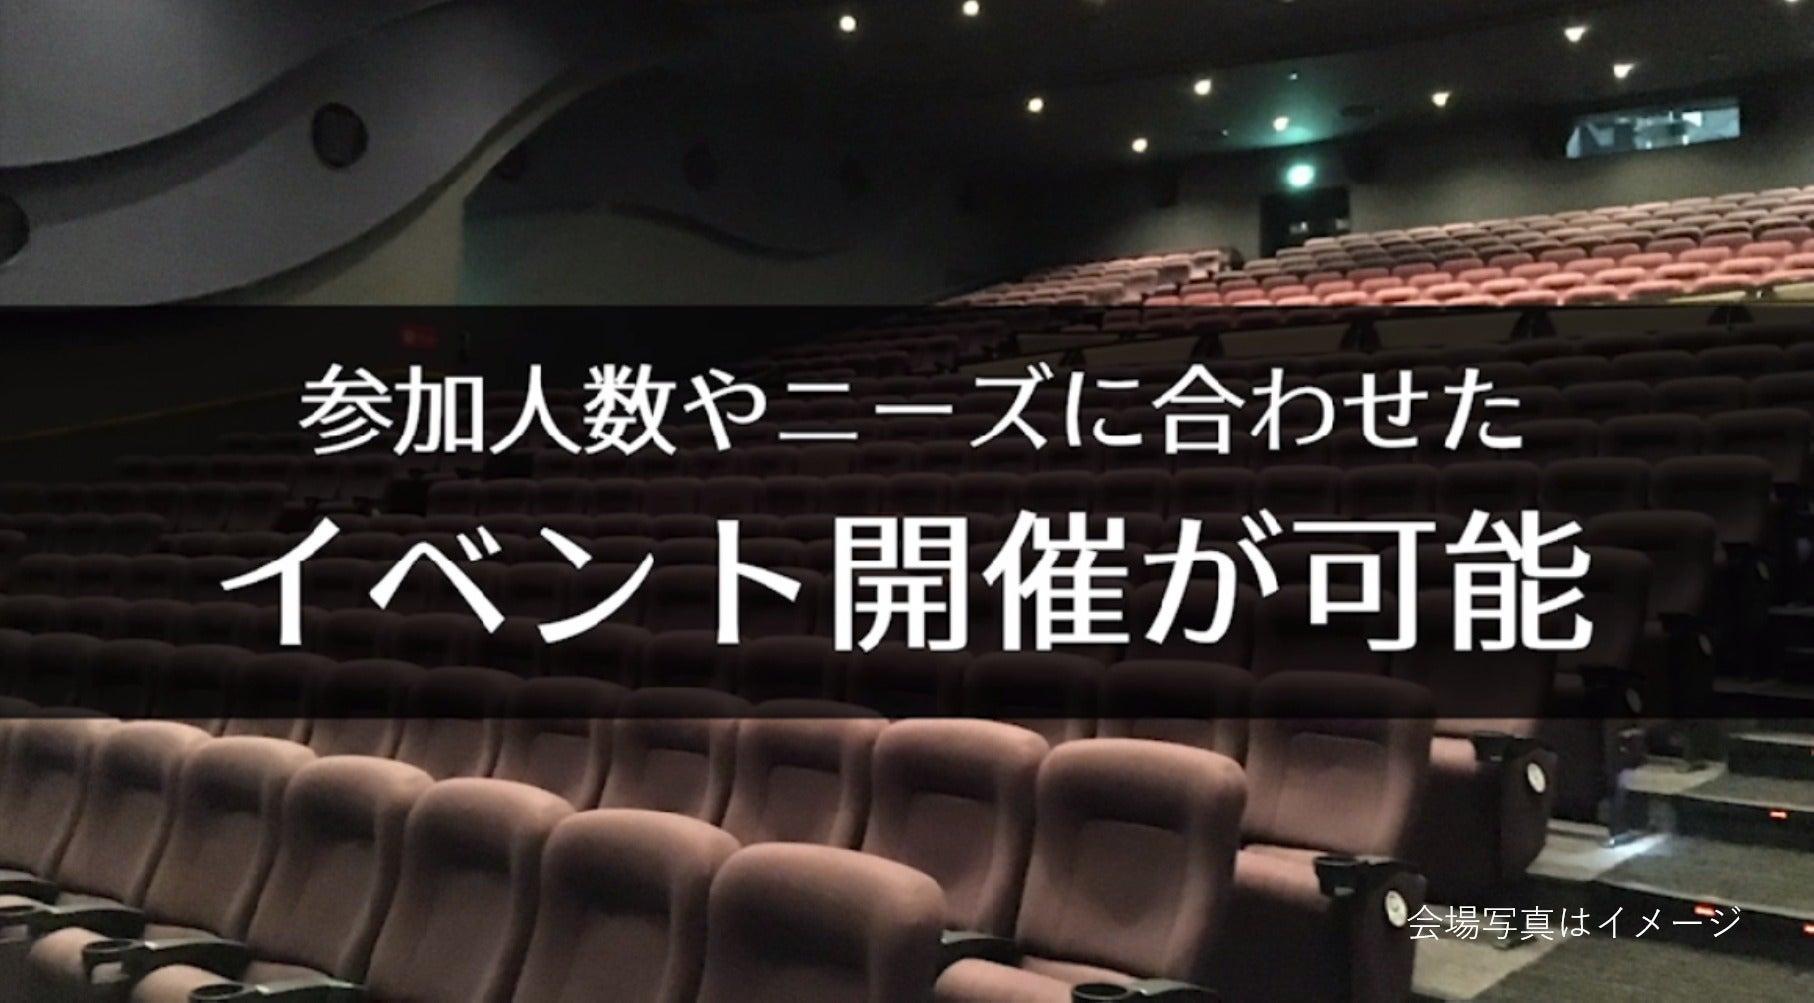 【橿原 114席】映画館で、会社説明会、株主総会、講演会の企画はいかがですか?